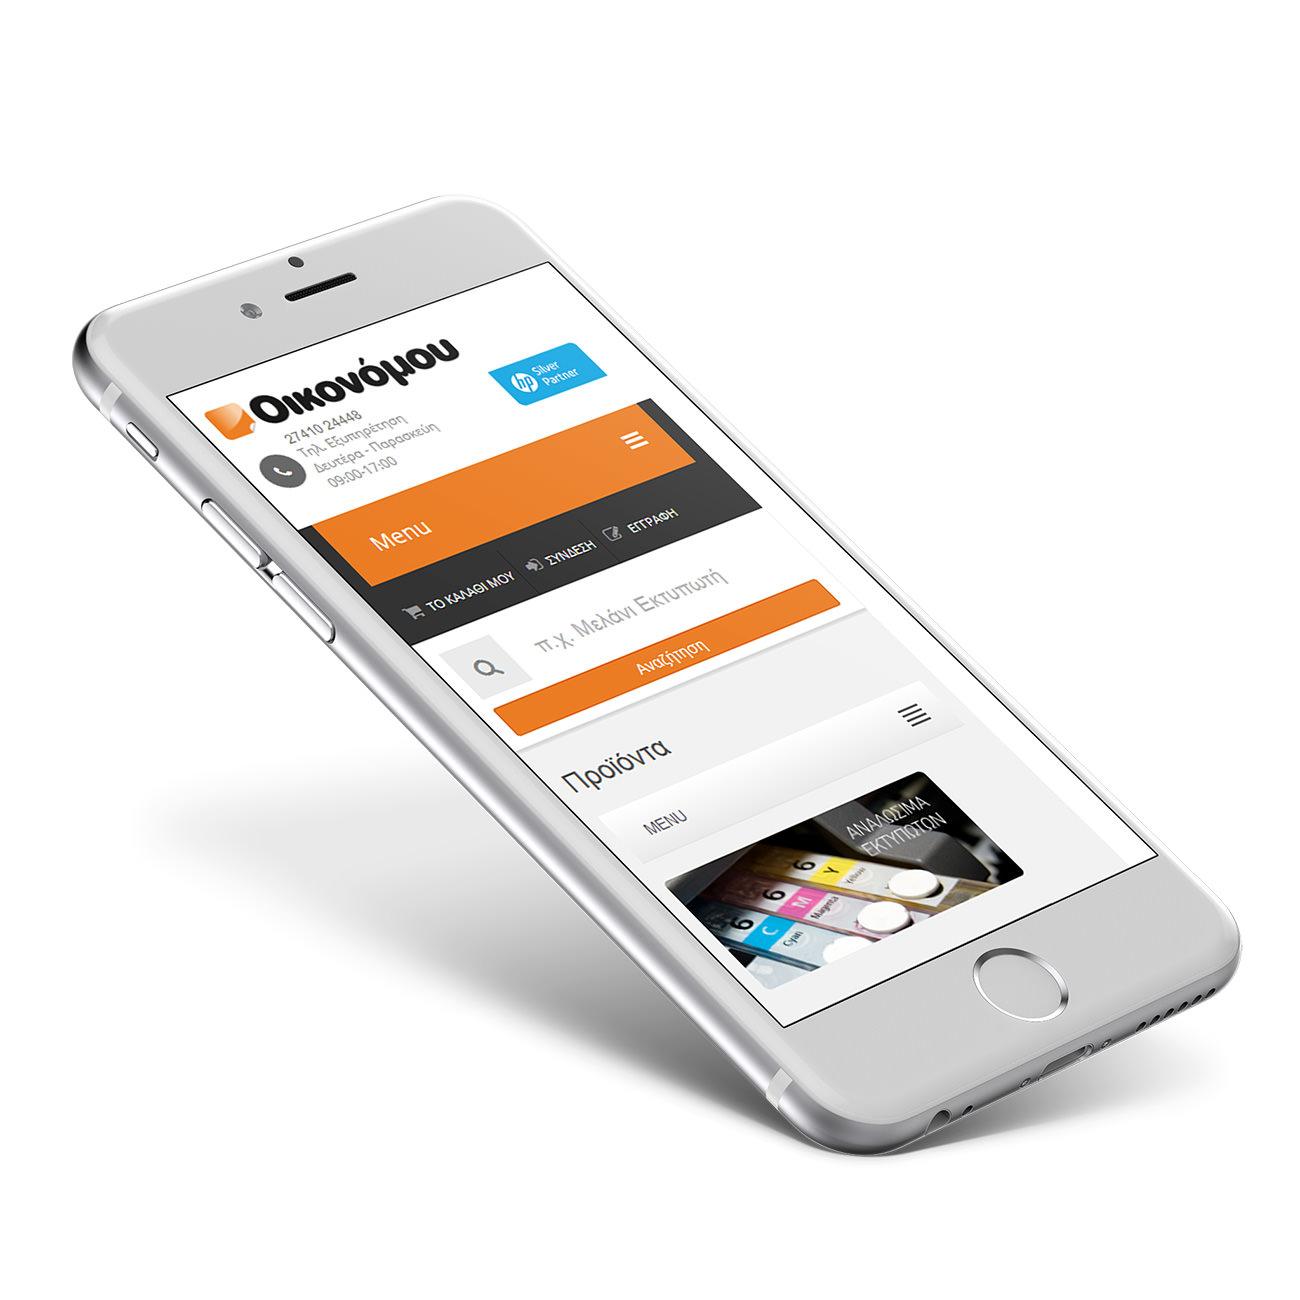 iphone-oikonomou